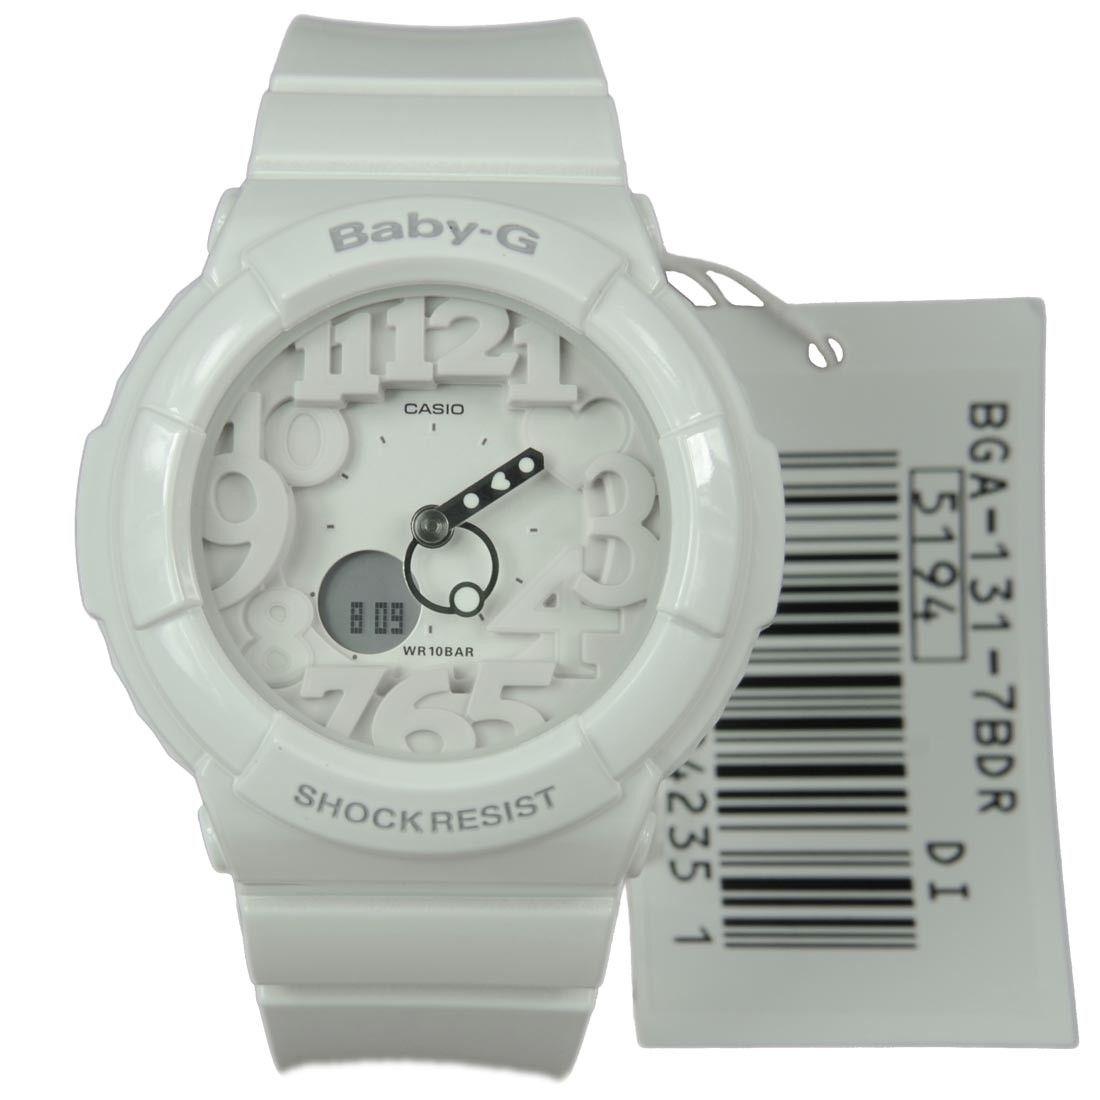 Casio Babyg Illuminator Watches Bga1607b2 Bga160 Stuff To Baby G Bga 210 7b3 White Neon Alarm Watch 131 7b Bga131